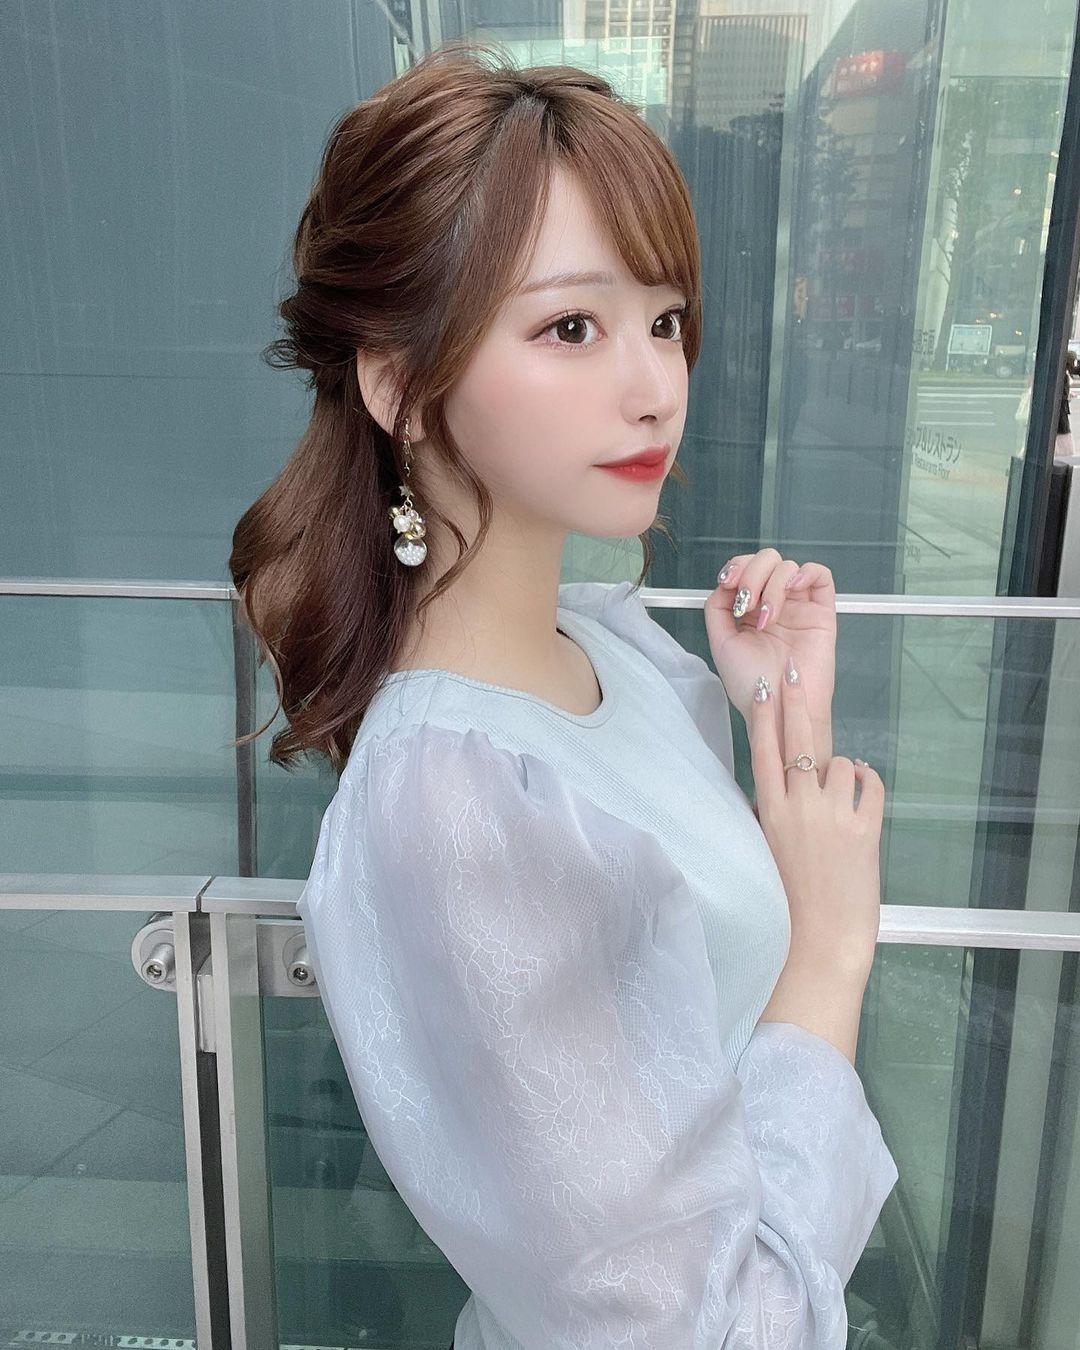 正翻了.名古屋「美女大学生」甜美又有气质,纤细小蛮腰超迷人. 日本美女 邻家女孩 美少女 养眼图片 第5张